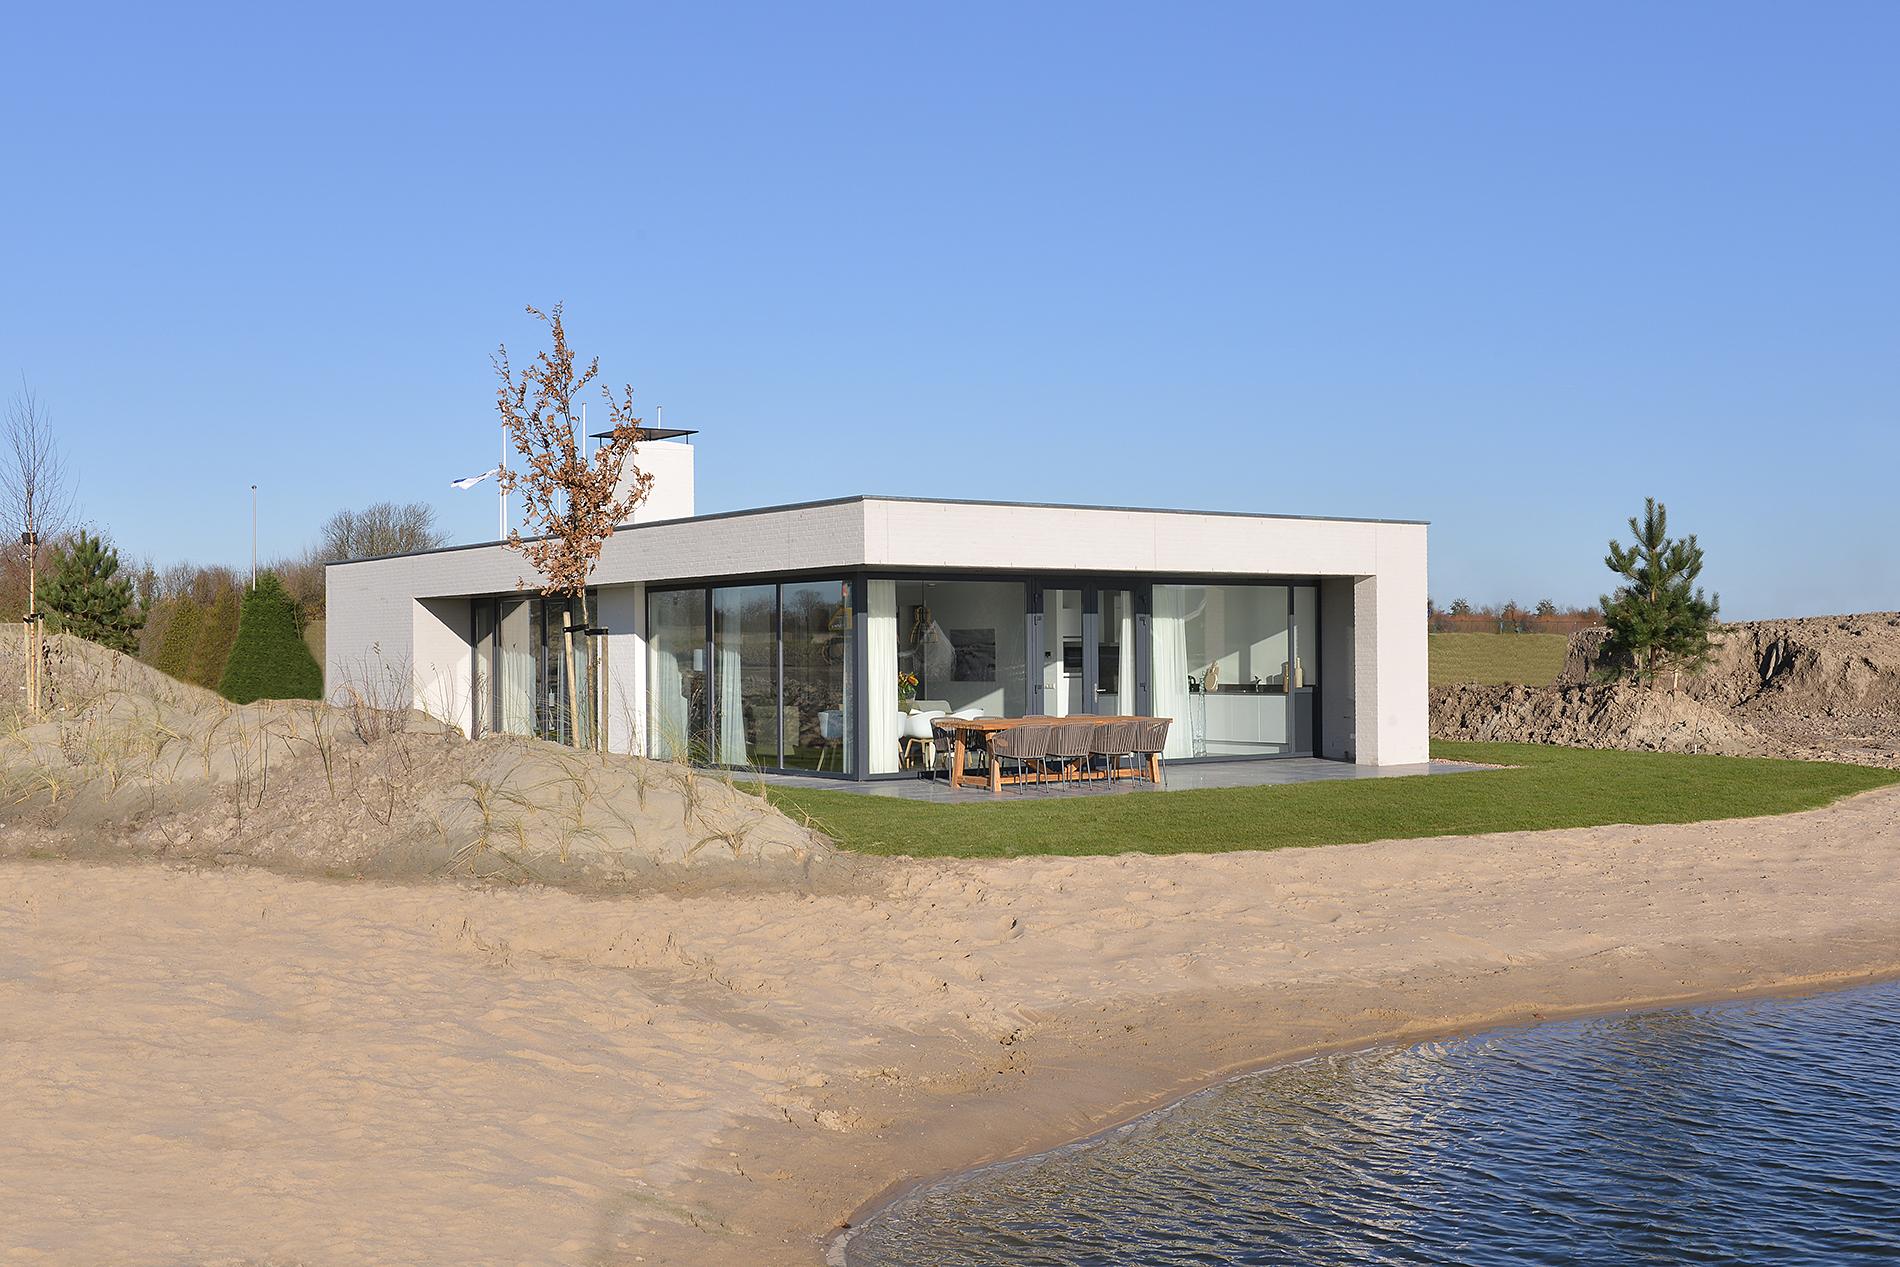 De Mooiste Vakantiehuizen : Luxe vakantiehuizen zeeland l bij strand en veerse meer